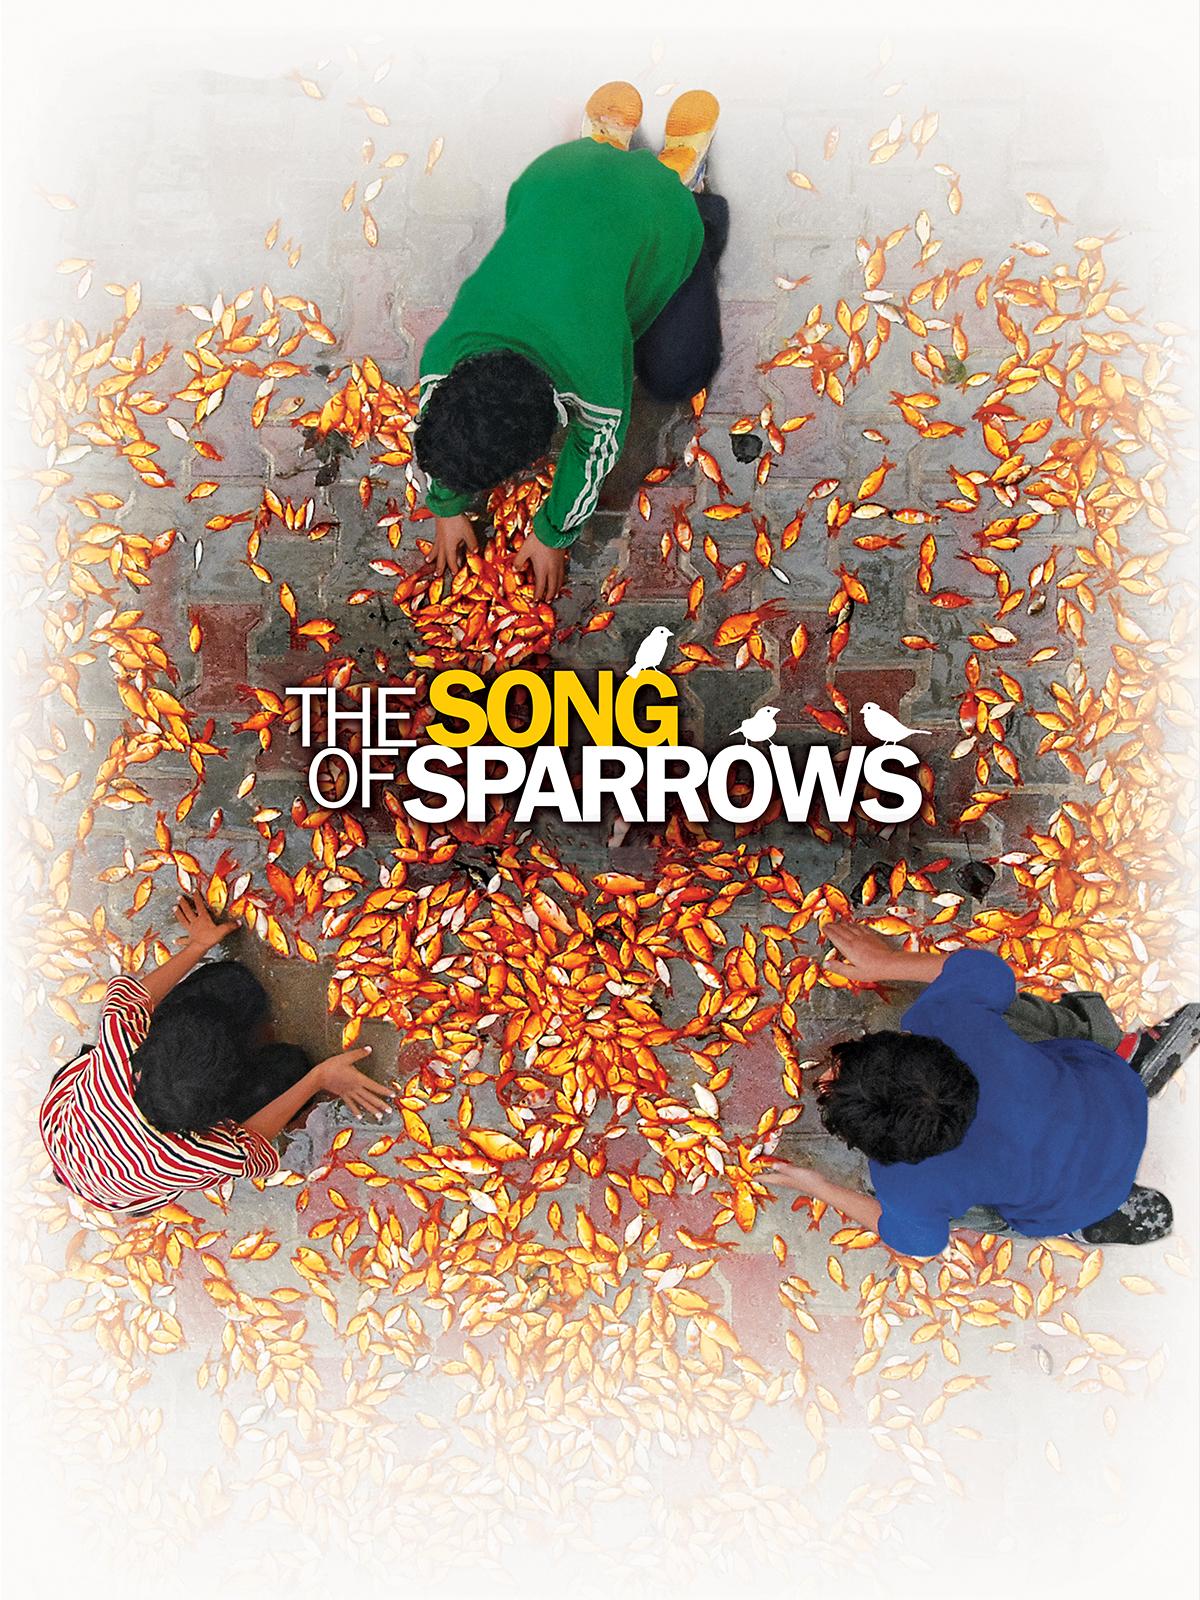 Here-SongOfSparrows-Full-Image-en-US.jpg